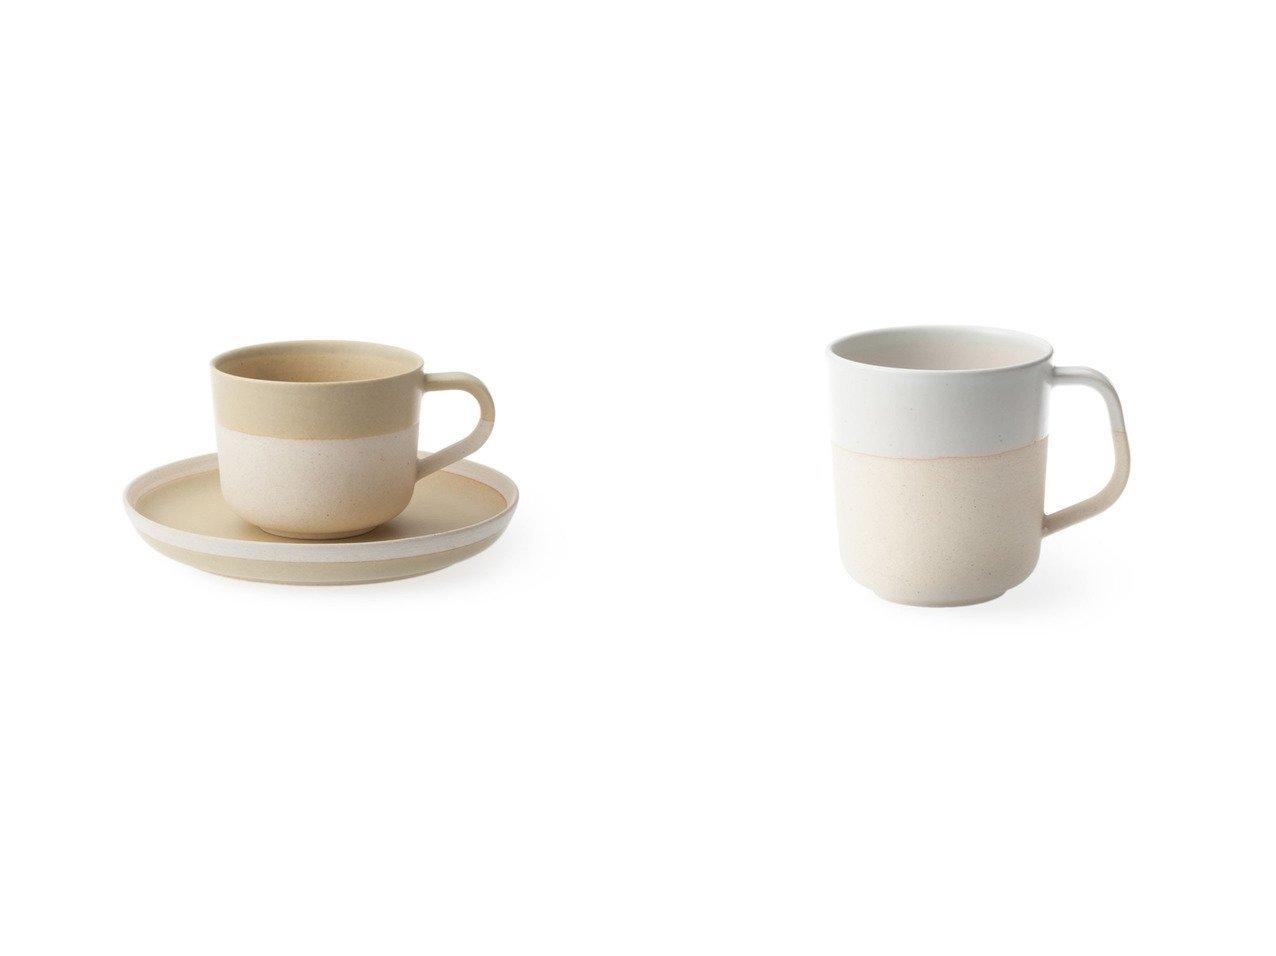 【hiiro/ヒイロ】のくも マグカップ&Tuki Cup & つき カップ&ソーサー 【テーブルウェア・食器 お家時間】おすすめ!人気、インテリア雑貨・家具の通販 おすすめで人気の流行・トレンド、ファッションの通販商品 インテリア・家具・メンズファッション・キッズファッション・レディースファッション・服の通販 founy(ファニー) https://founy.com/ テーブル |ID:crp329100000054235